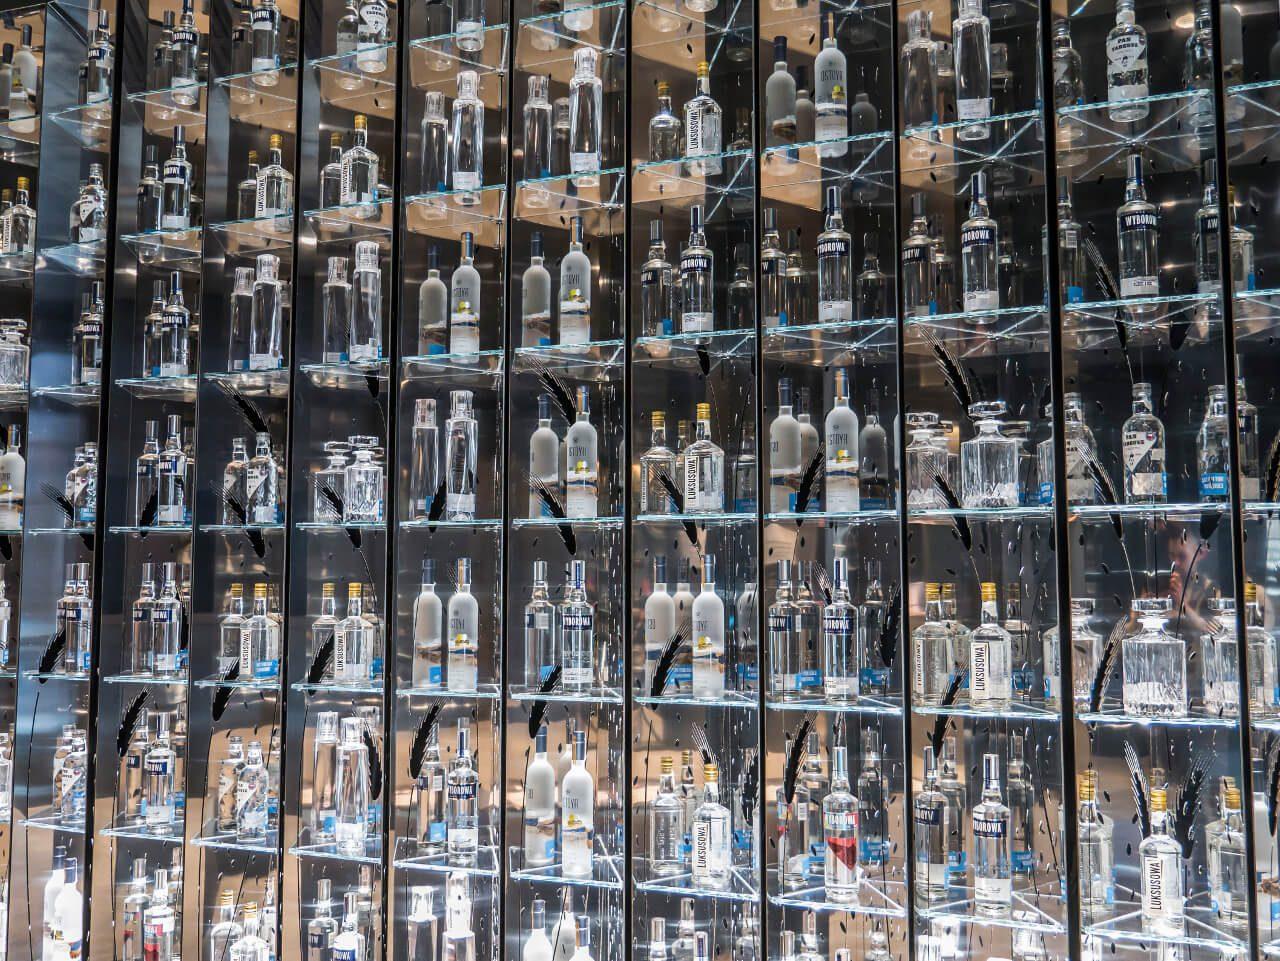 Wystawa butelek Wyborowej i Luksusowej